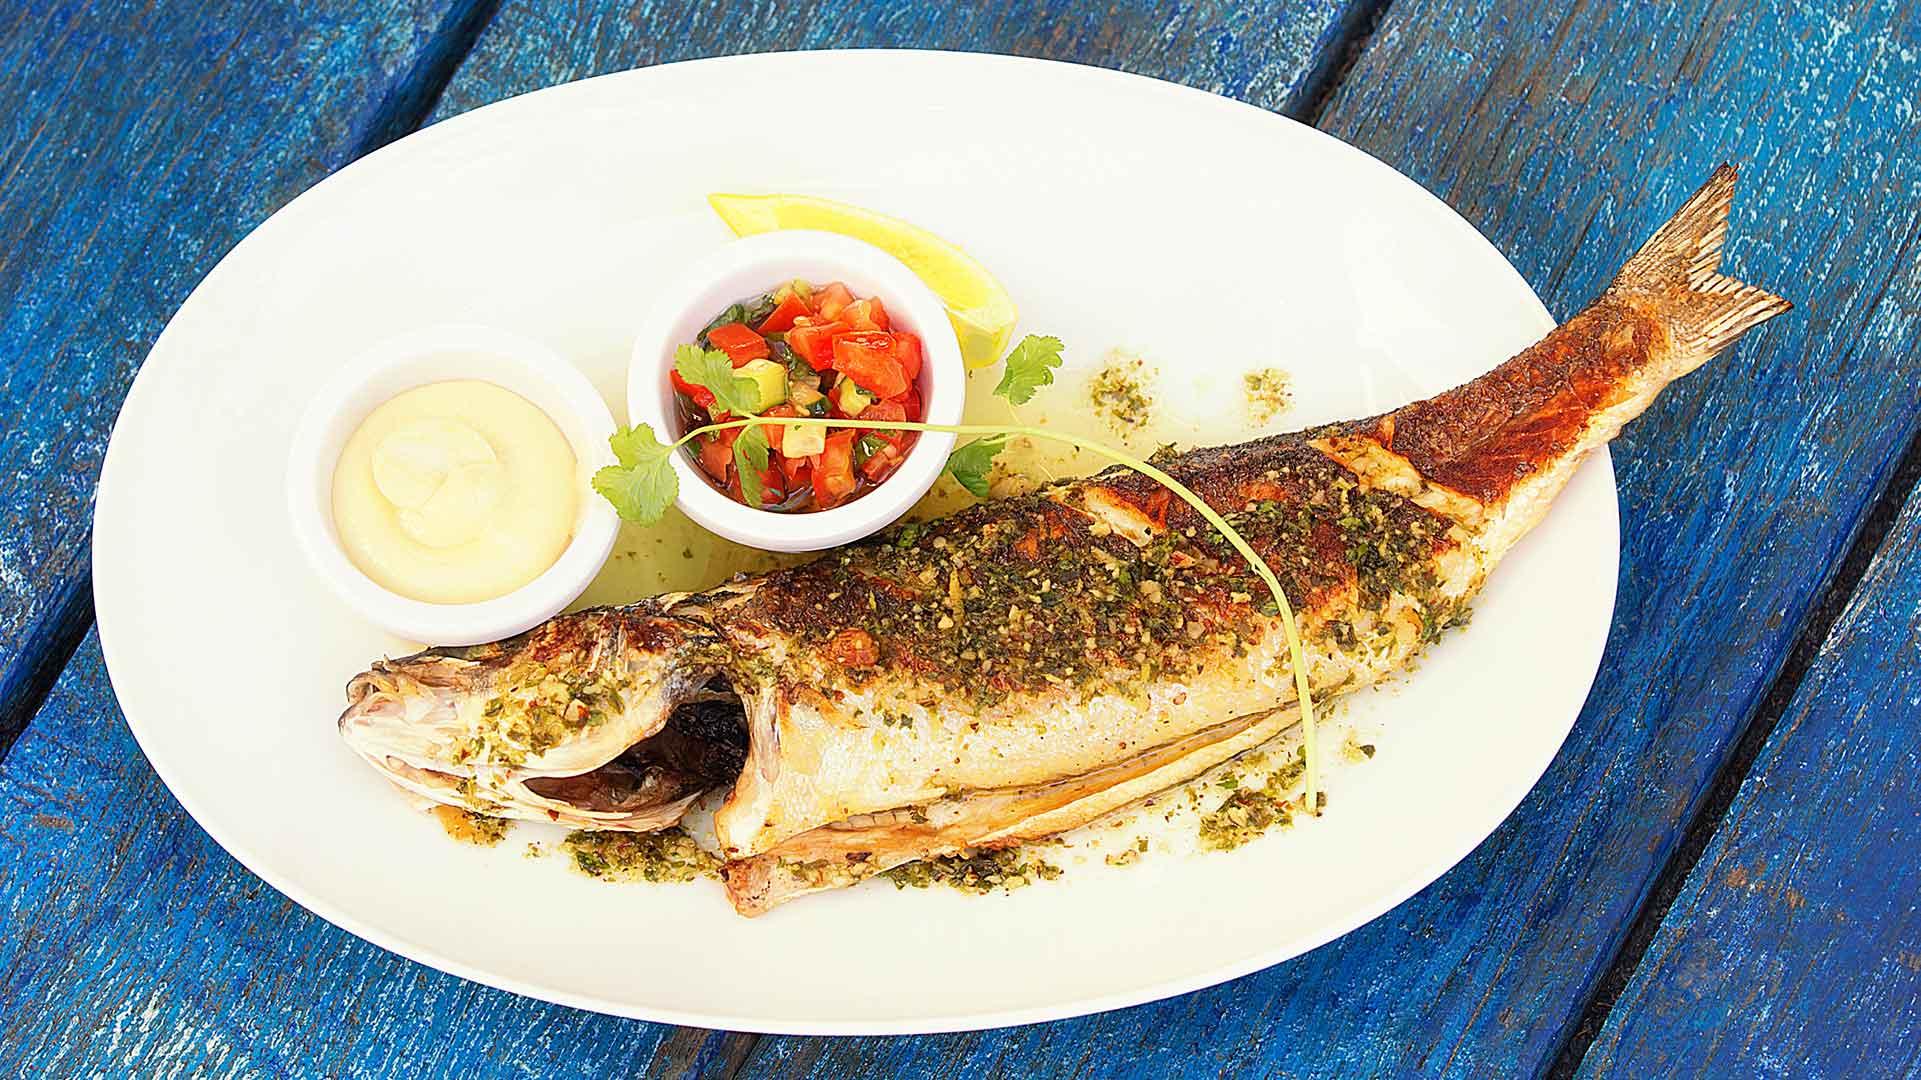 Restaurant-Les-Planches-Argeles-sur-Mer-Specialite-Poissons-Fruits-de-Mer-Les-Planches-Loup-de-Mediterranee